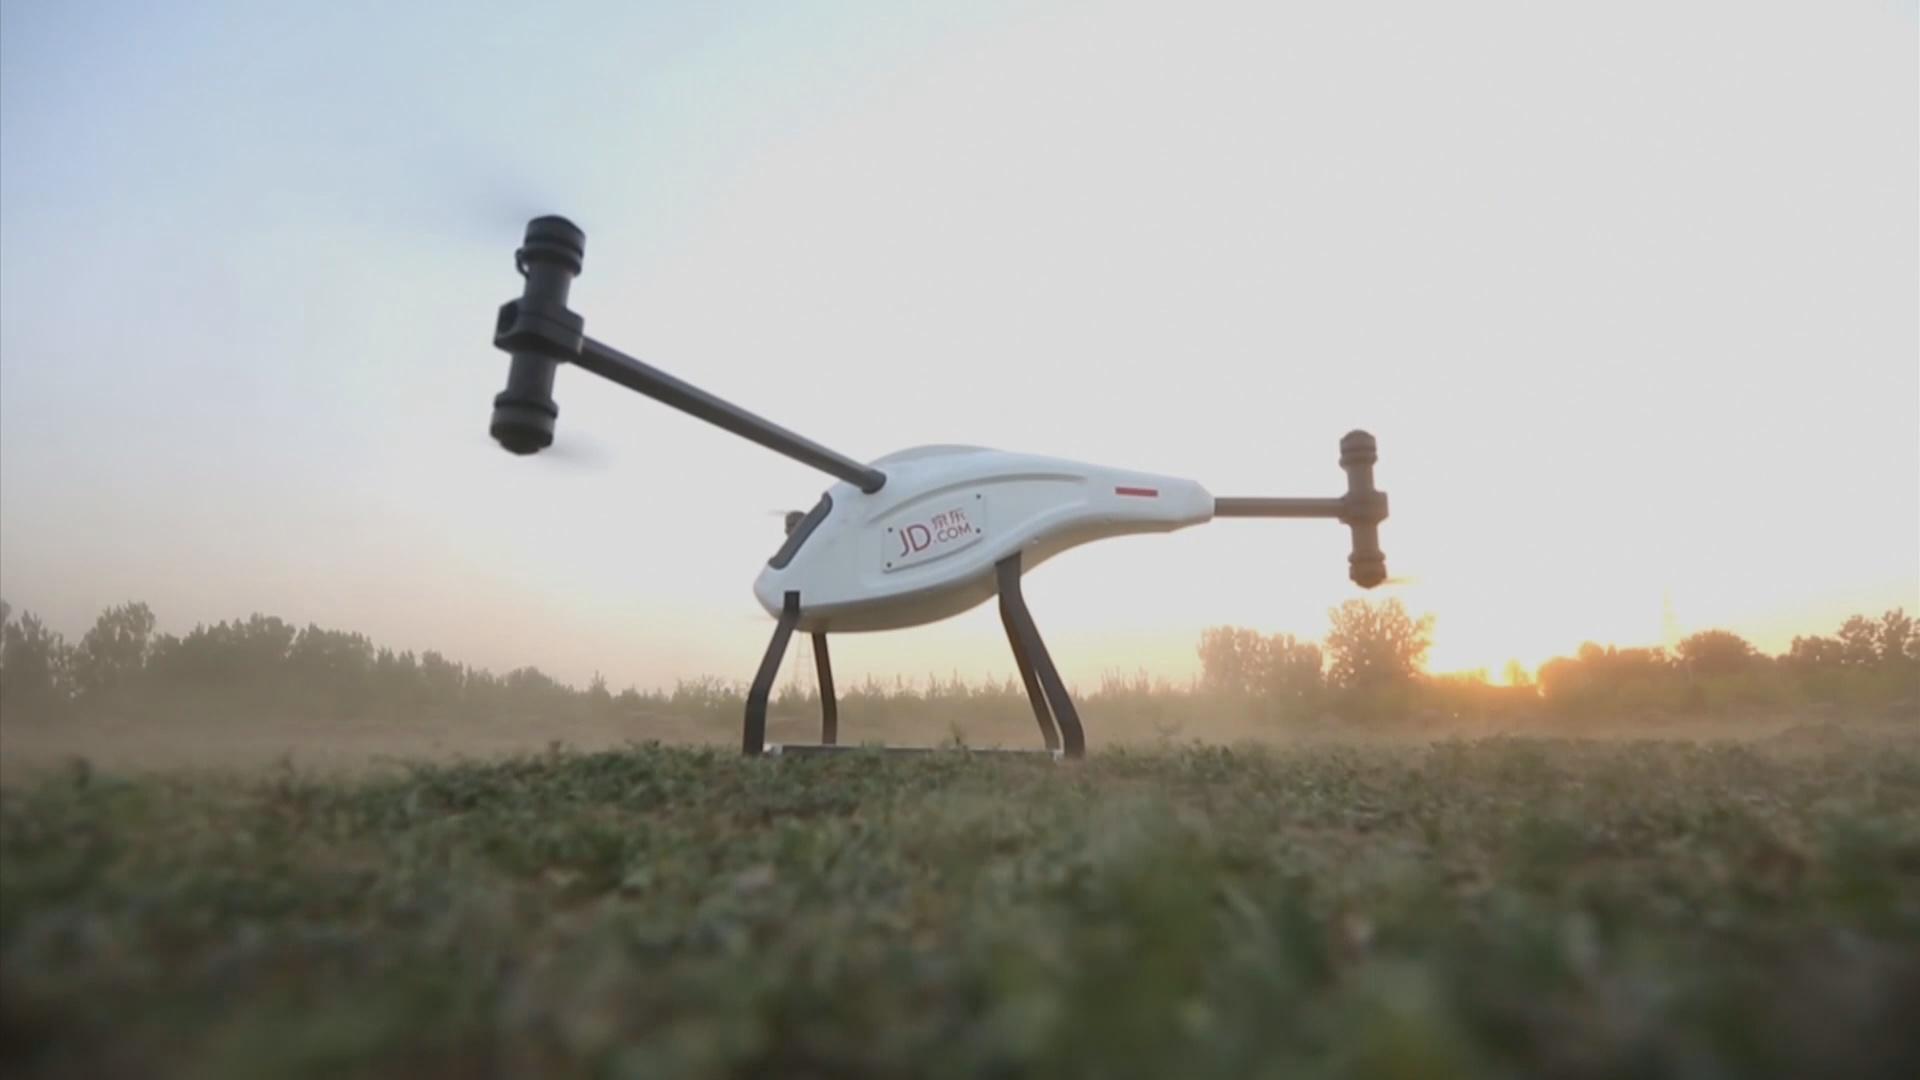 Какое законодательное будущее ожидает дроны?